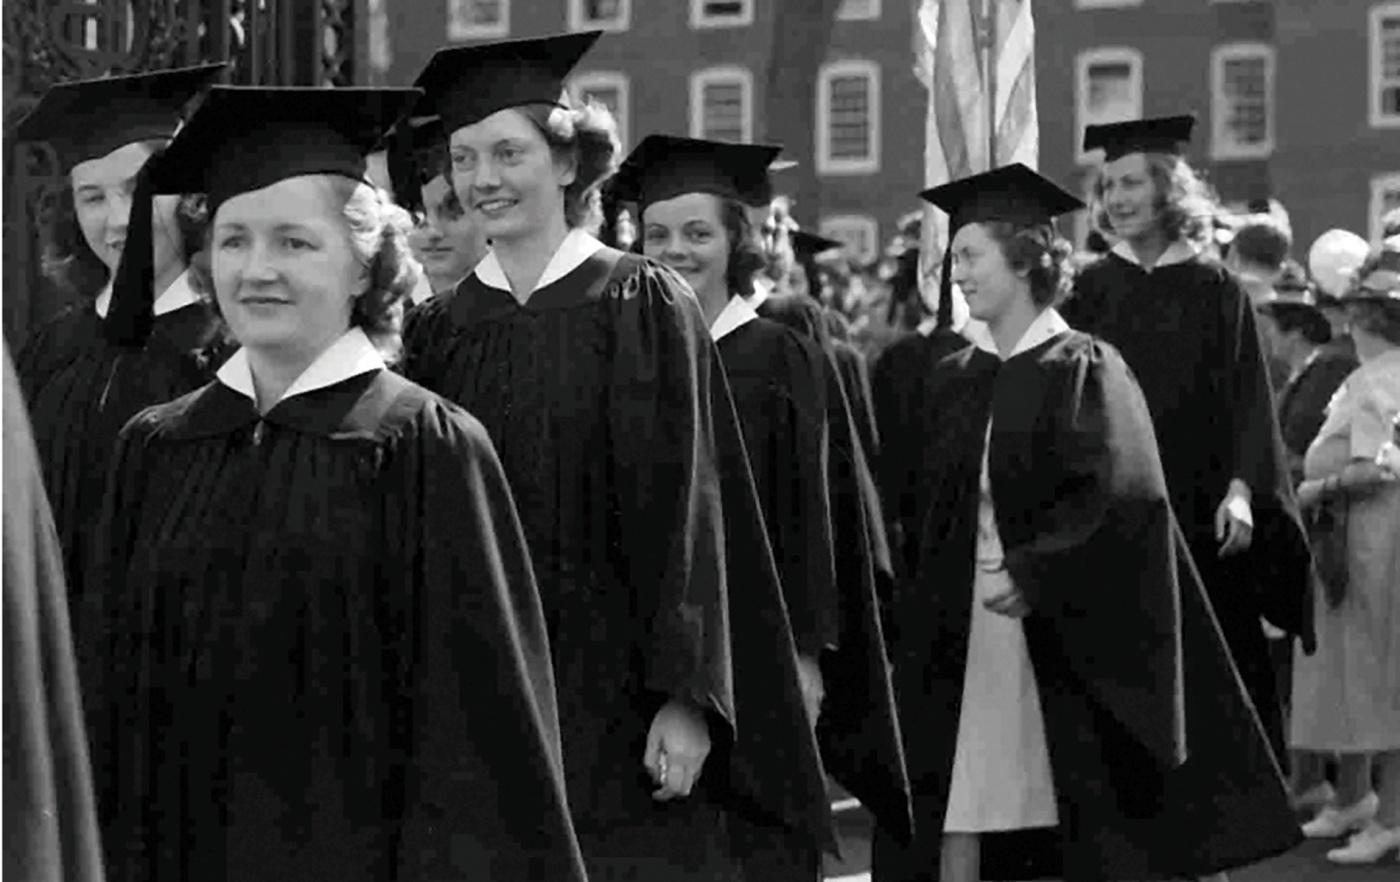 Pembroke grads from 1940.